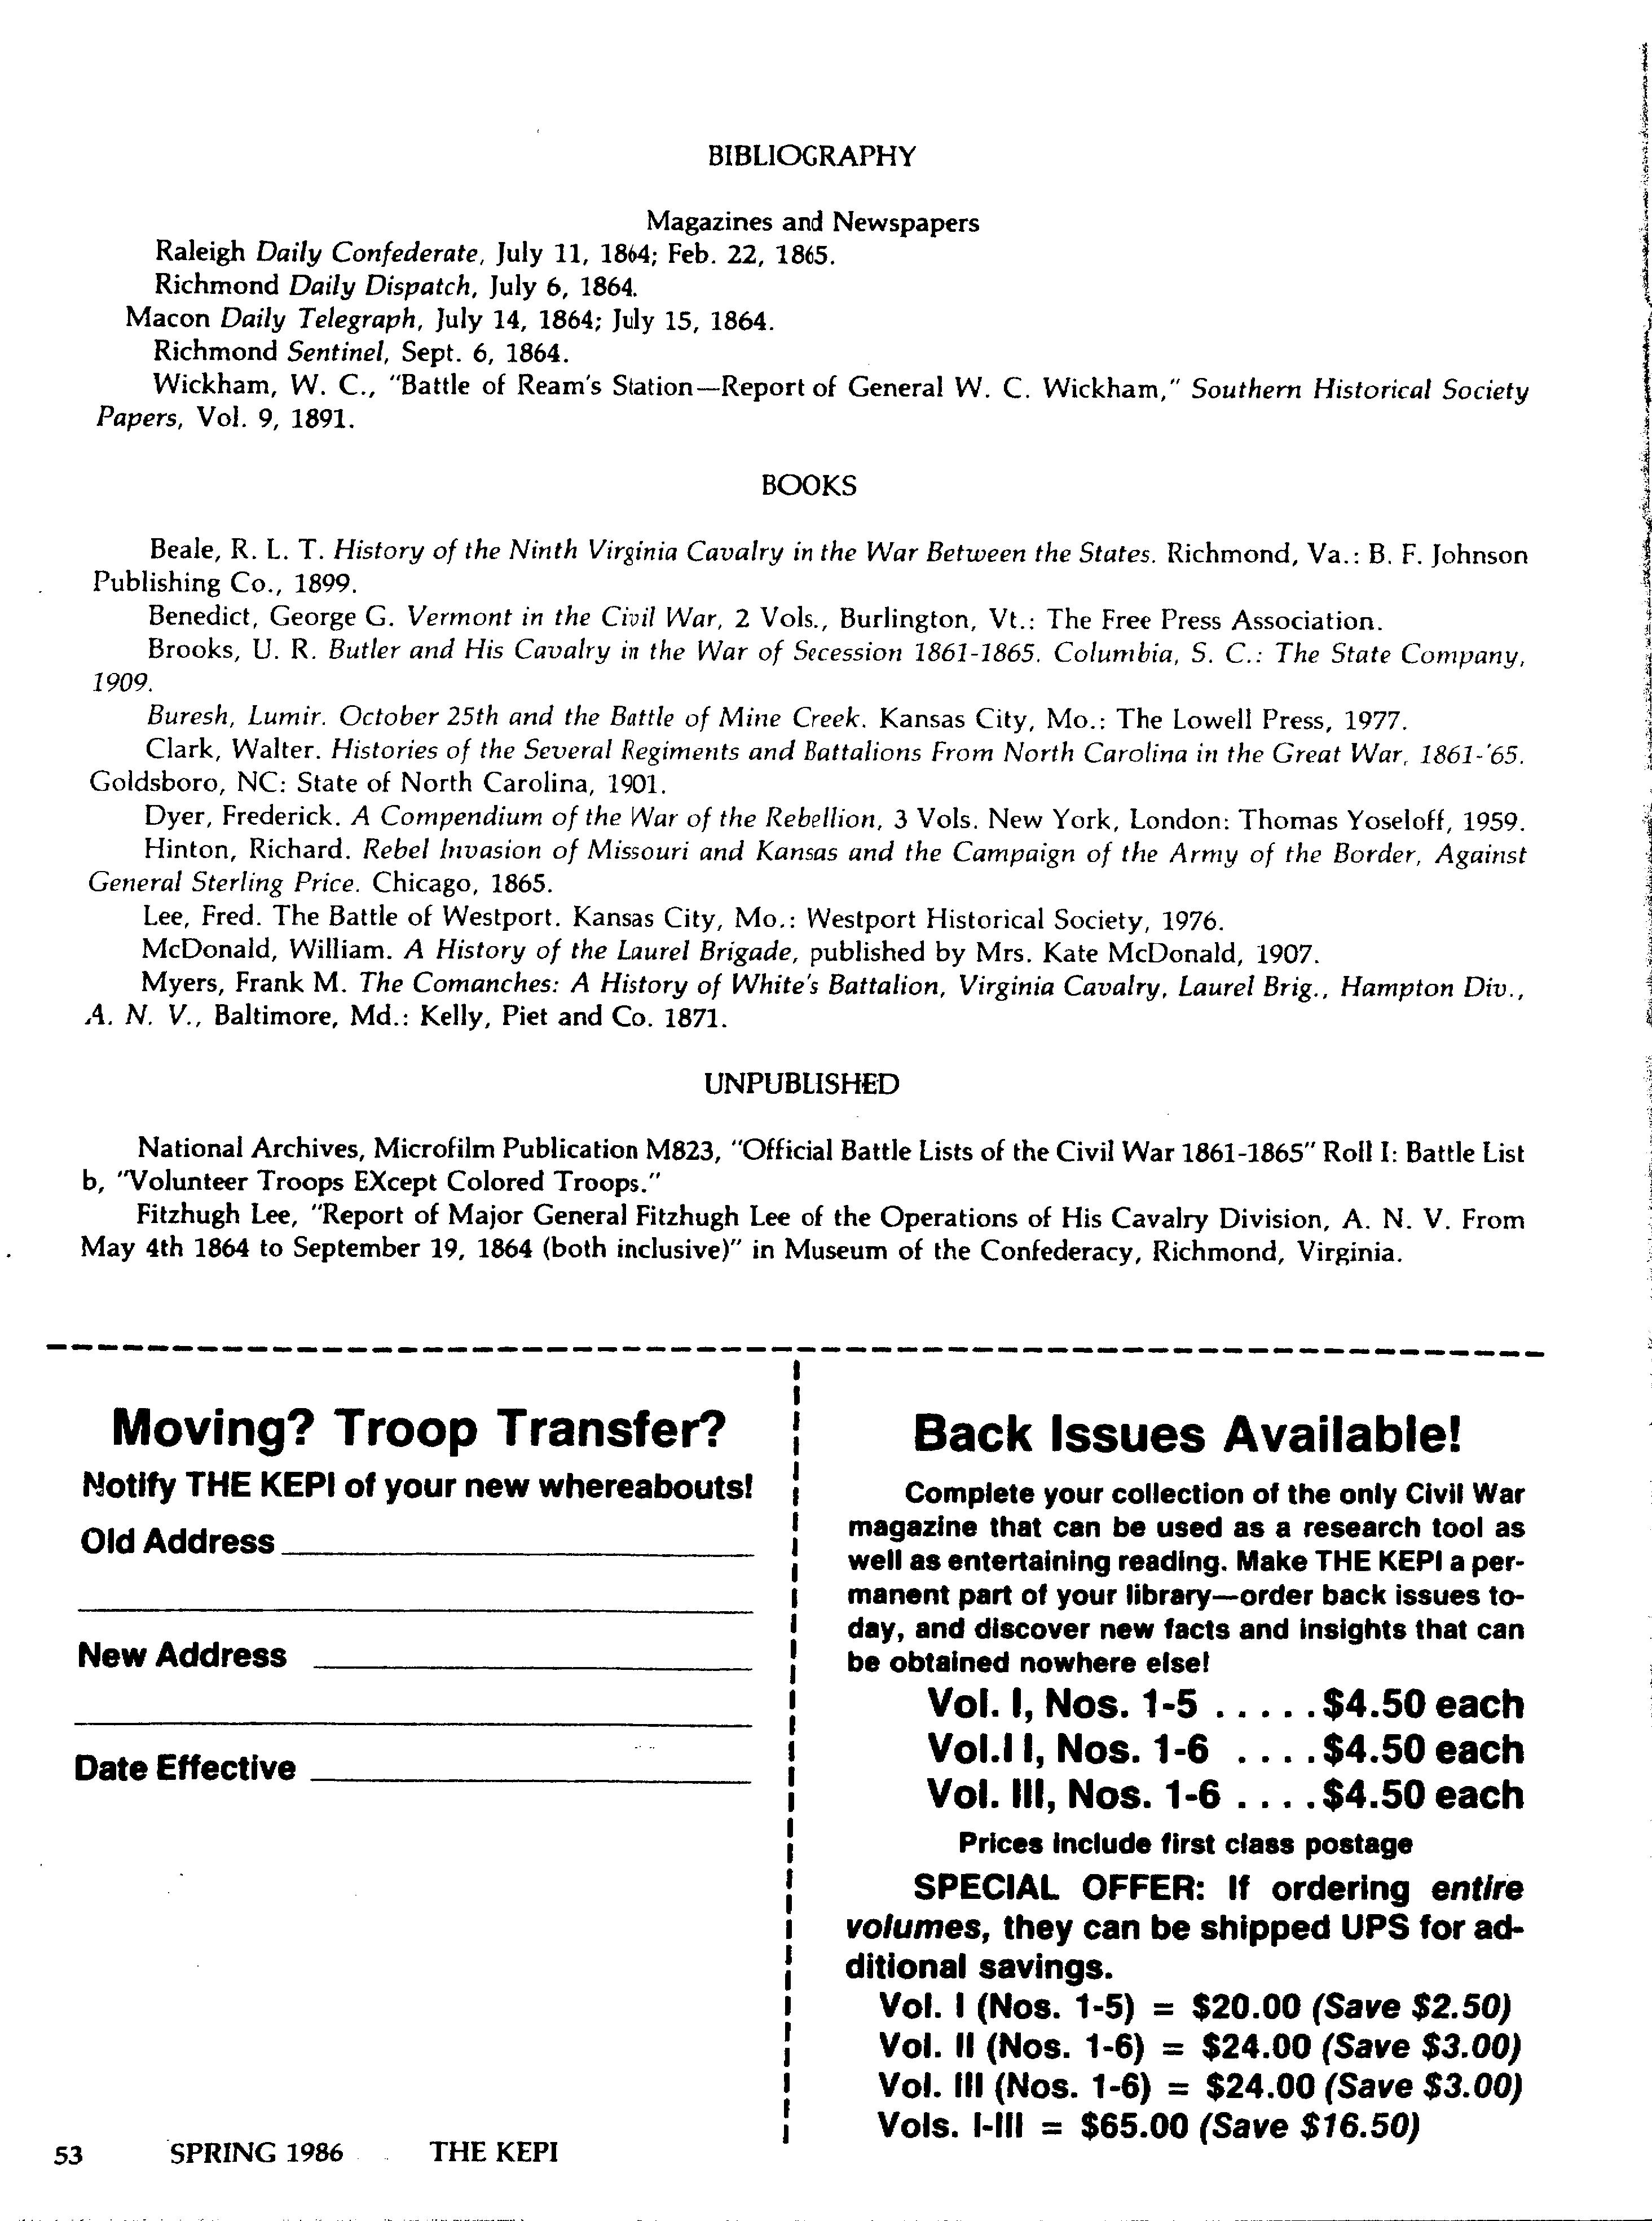 KepiV4N1Spring1986 WilsonKautzConfCas Pg53